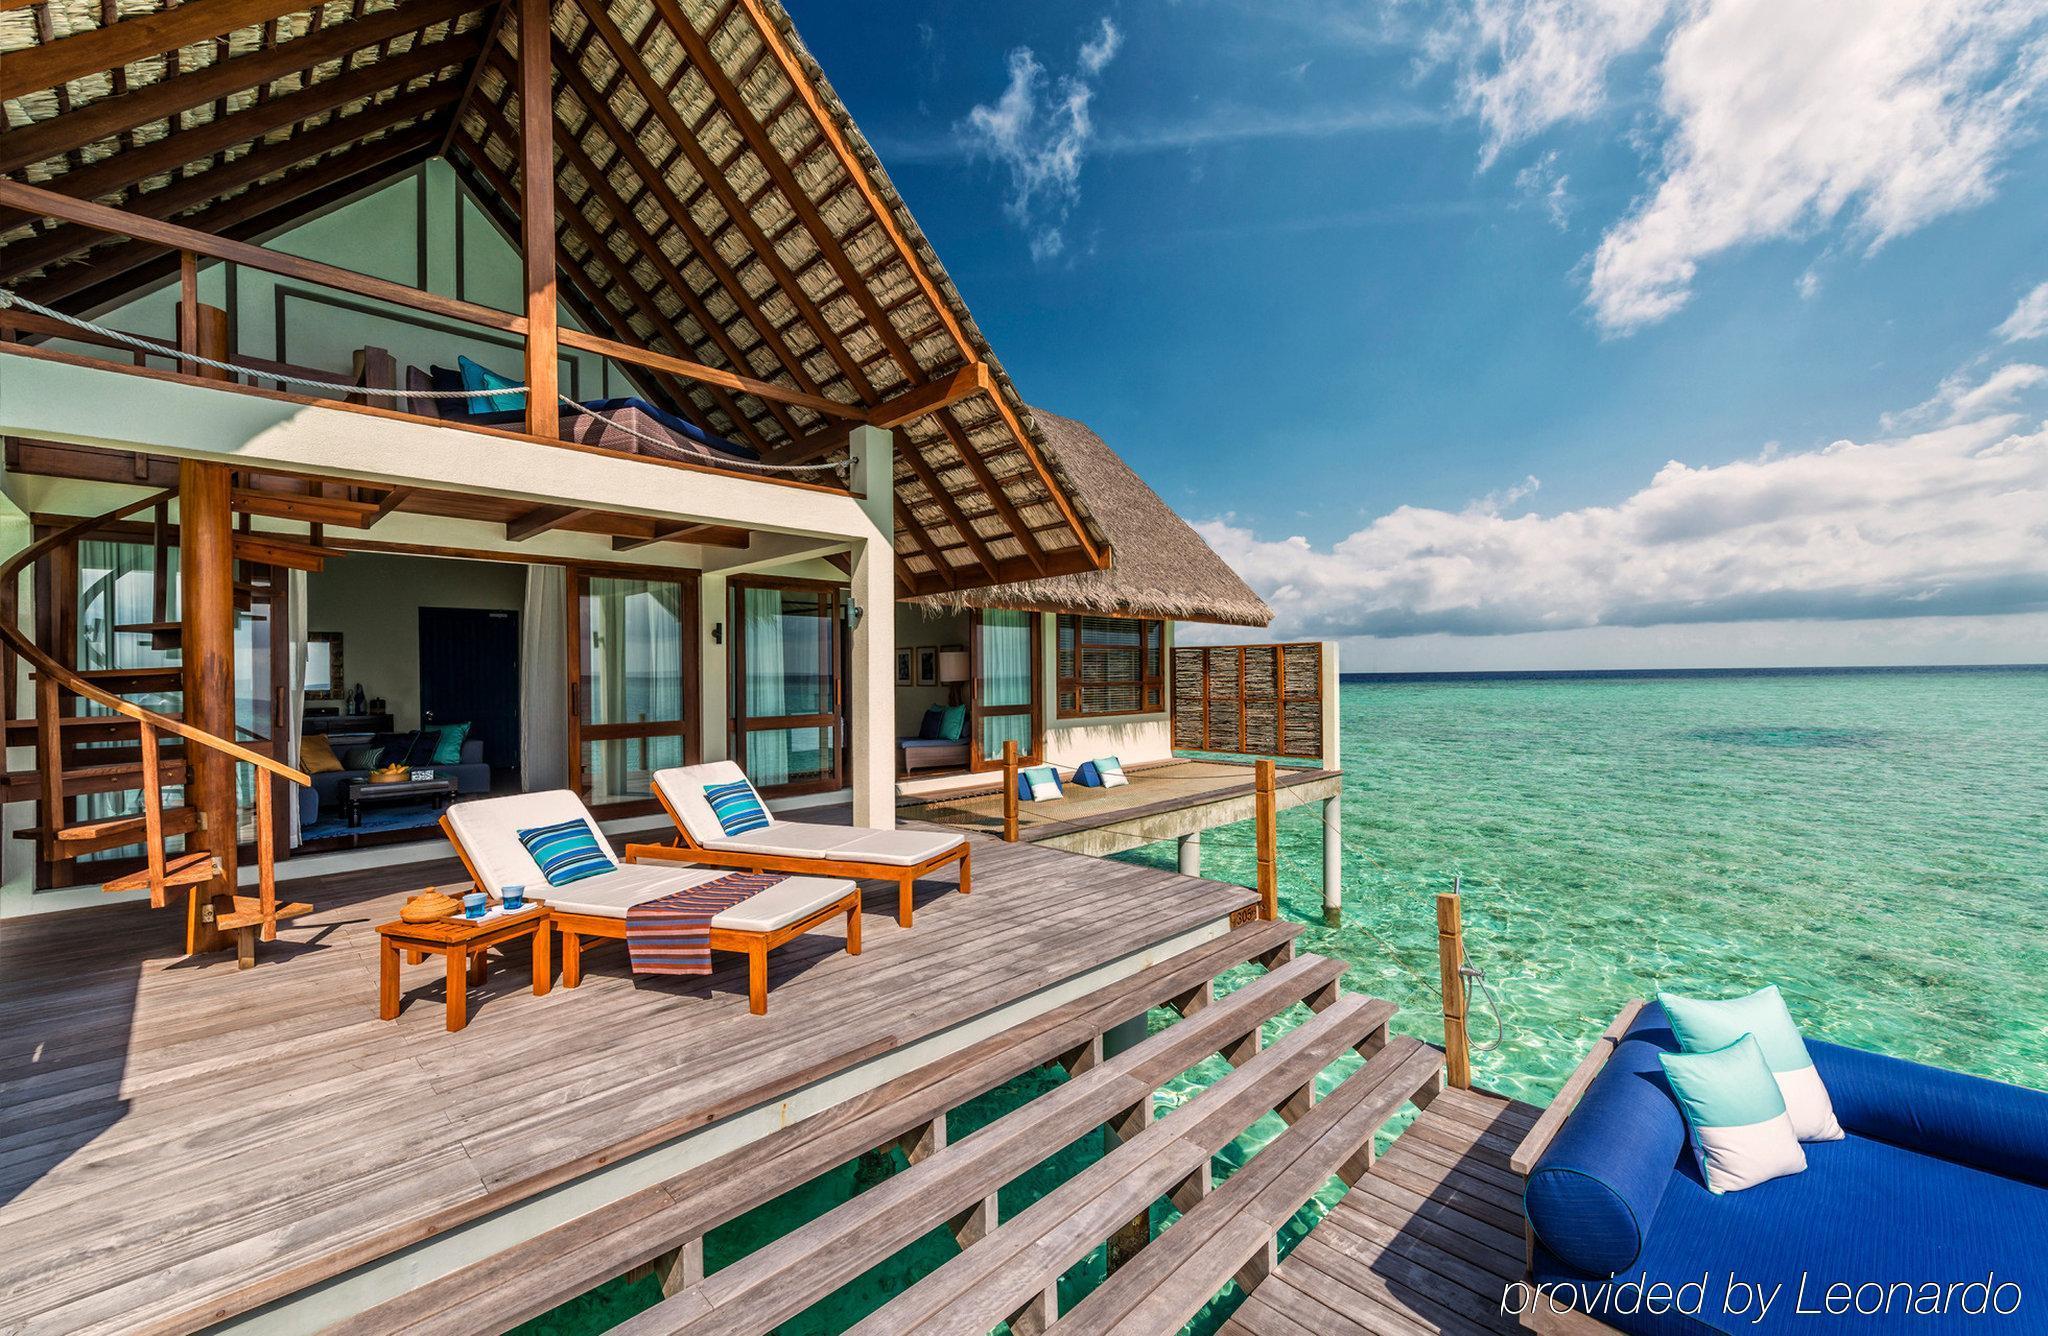 Four Seasons Resort Maldives at Landaa Giraavar